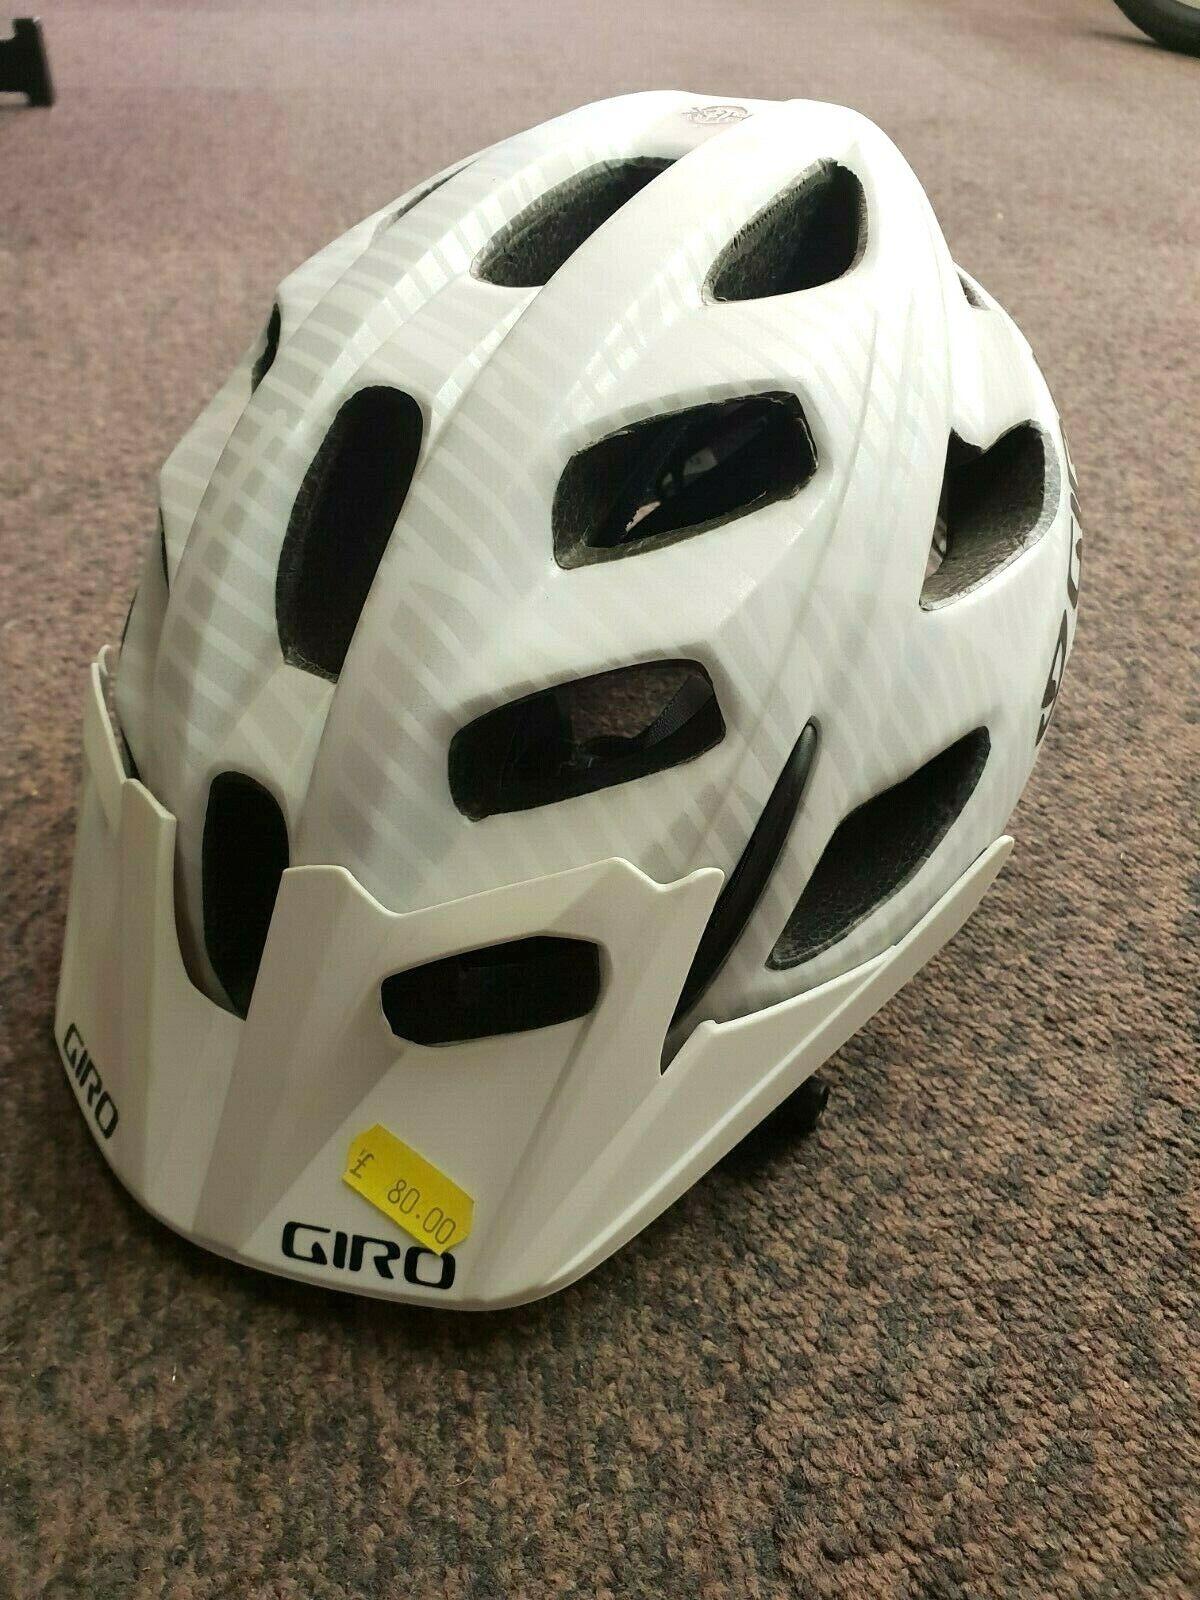 Giro Hex Casco OPACO Bianco Piccolo 5155cm Ciclismo MTB Fuoripista nuovo argentoo